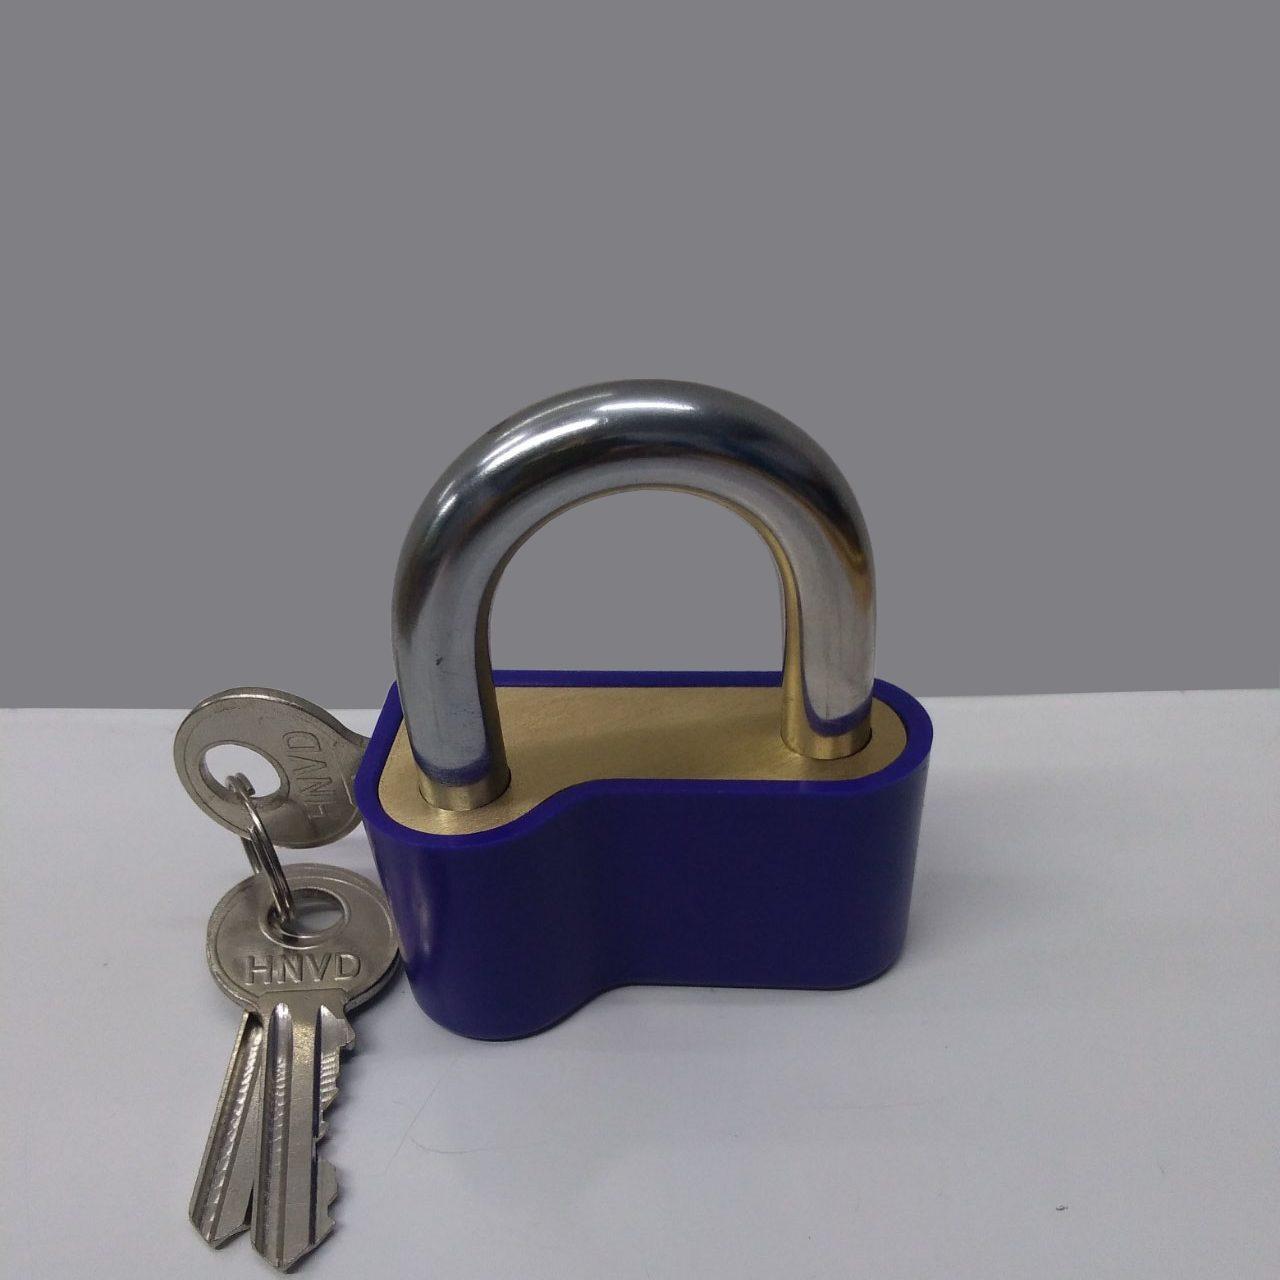 Ổ khóa HNVD 6 phân 678-CR30